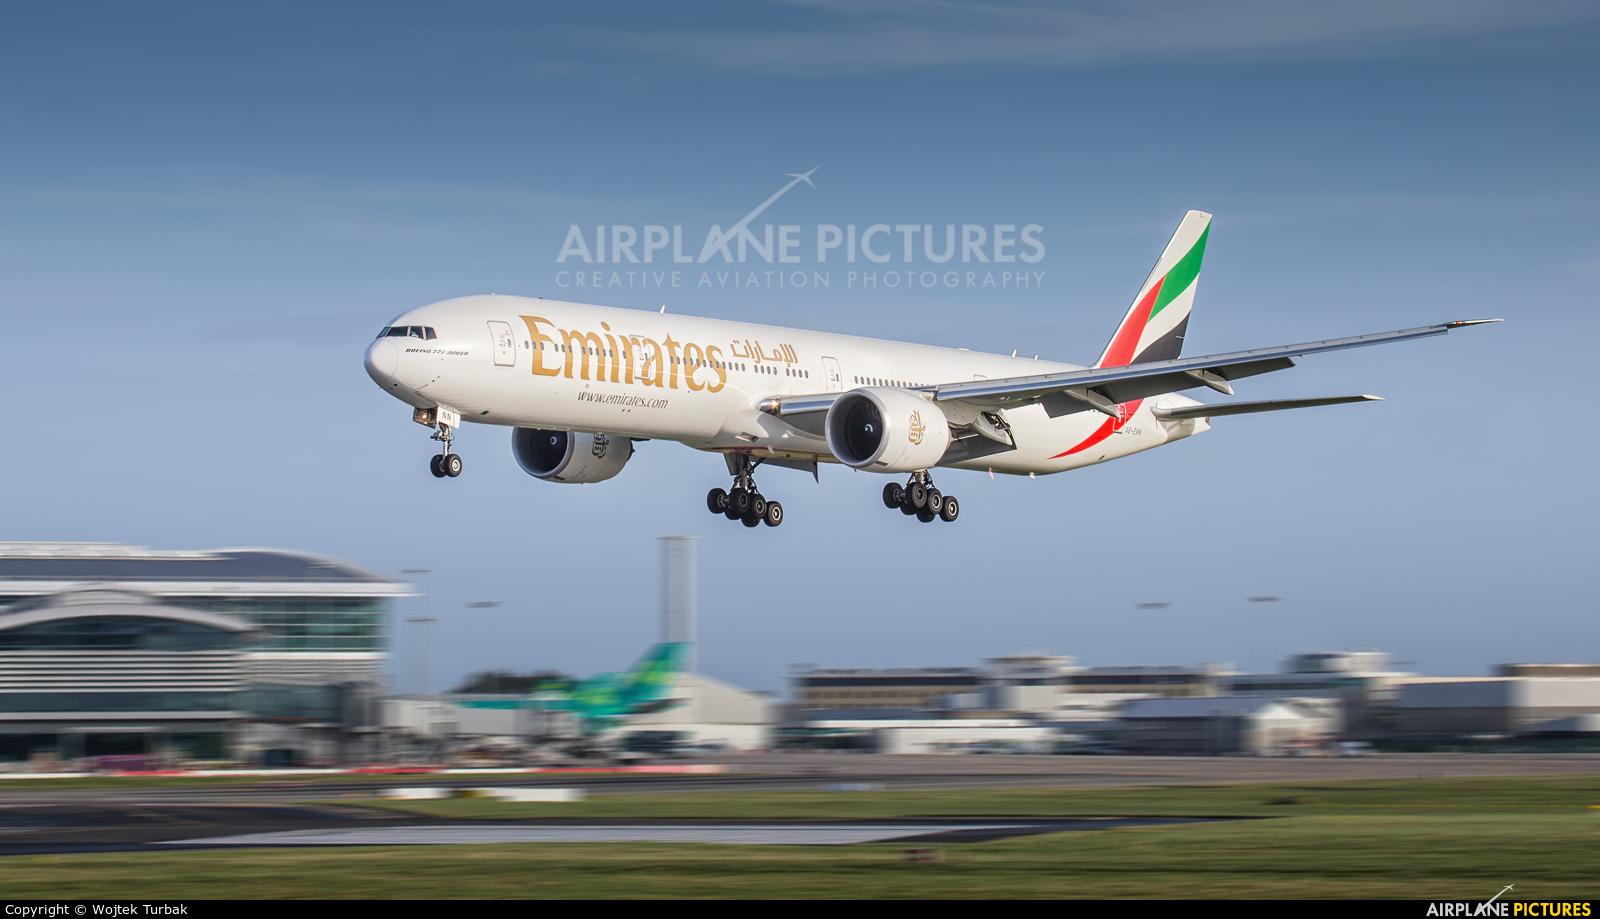 Emirates Airlines A6-ENN aircraft at Dublin